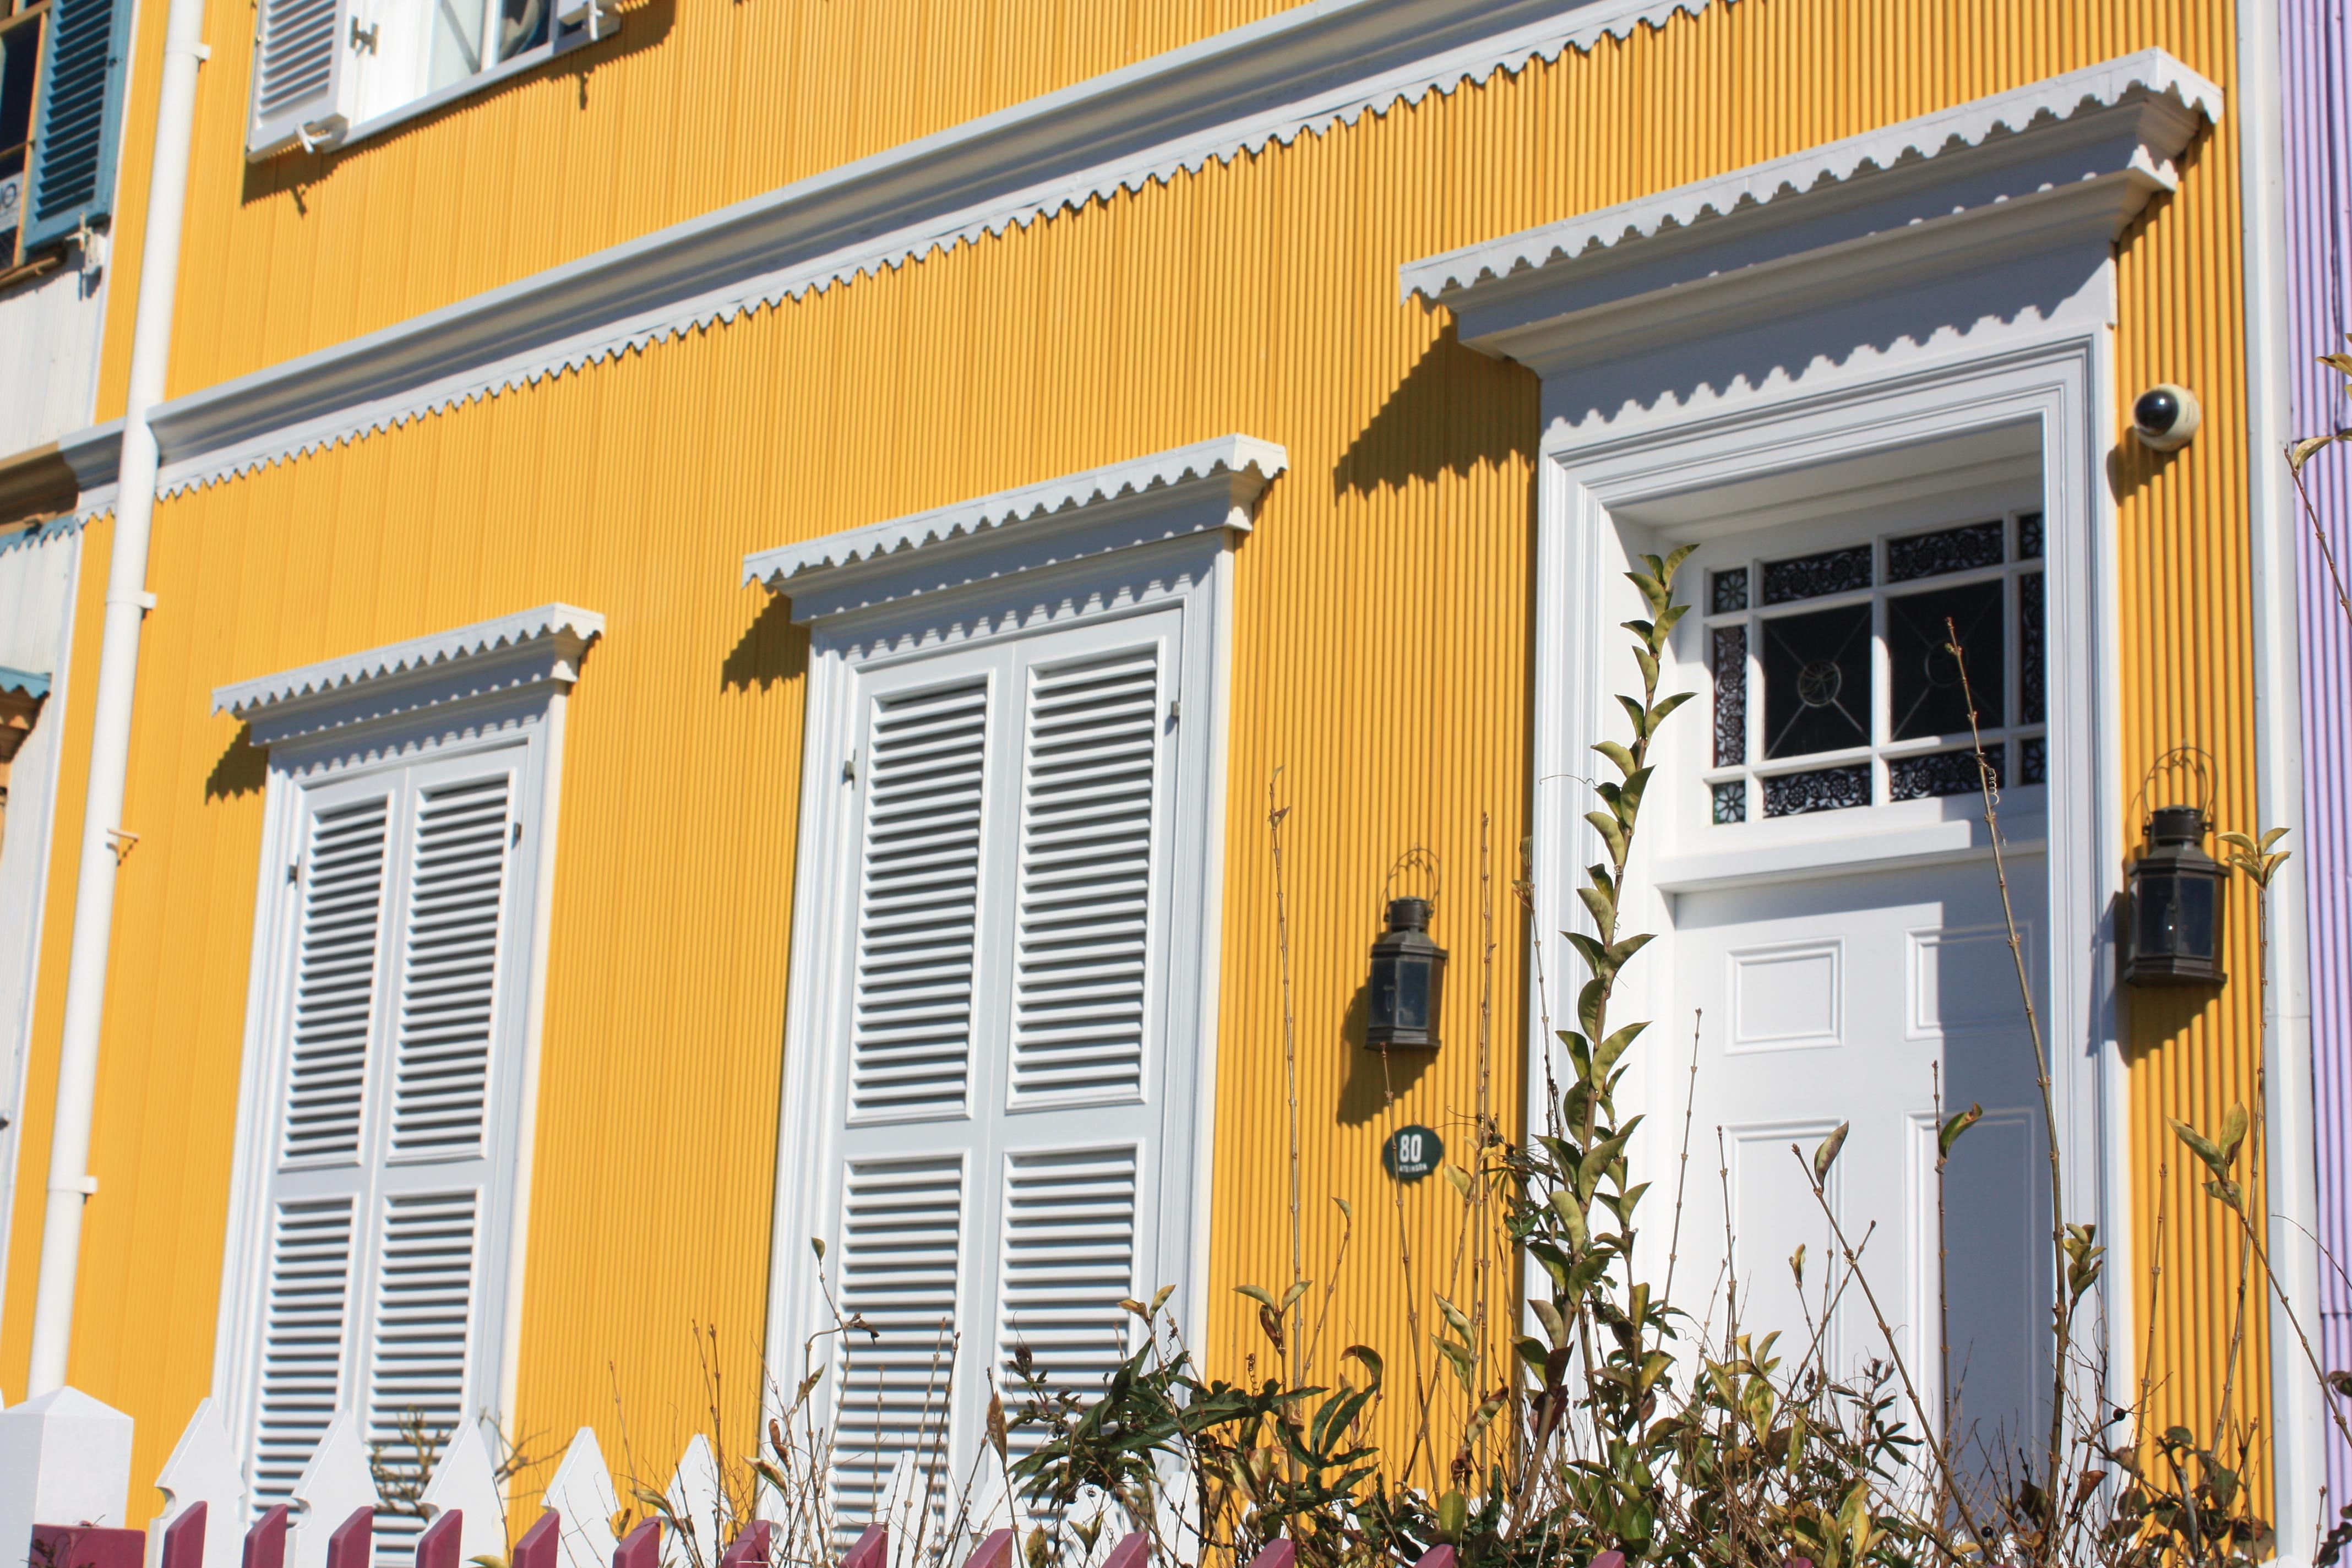 valparaiso muro 2 cronicasviajeras